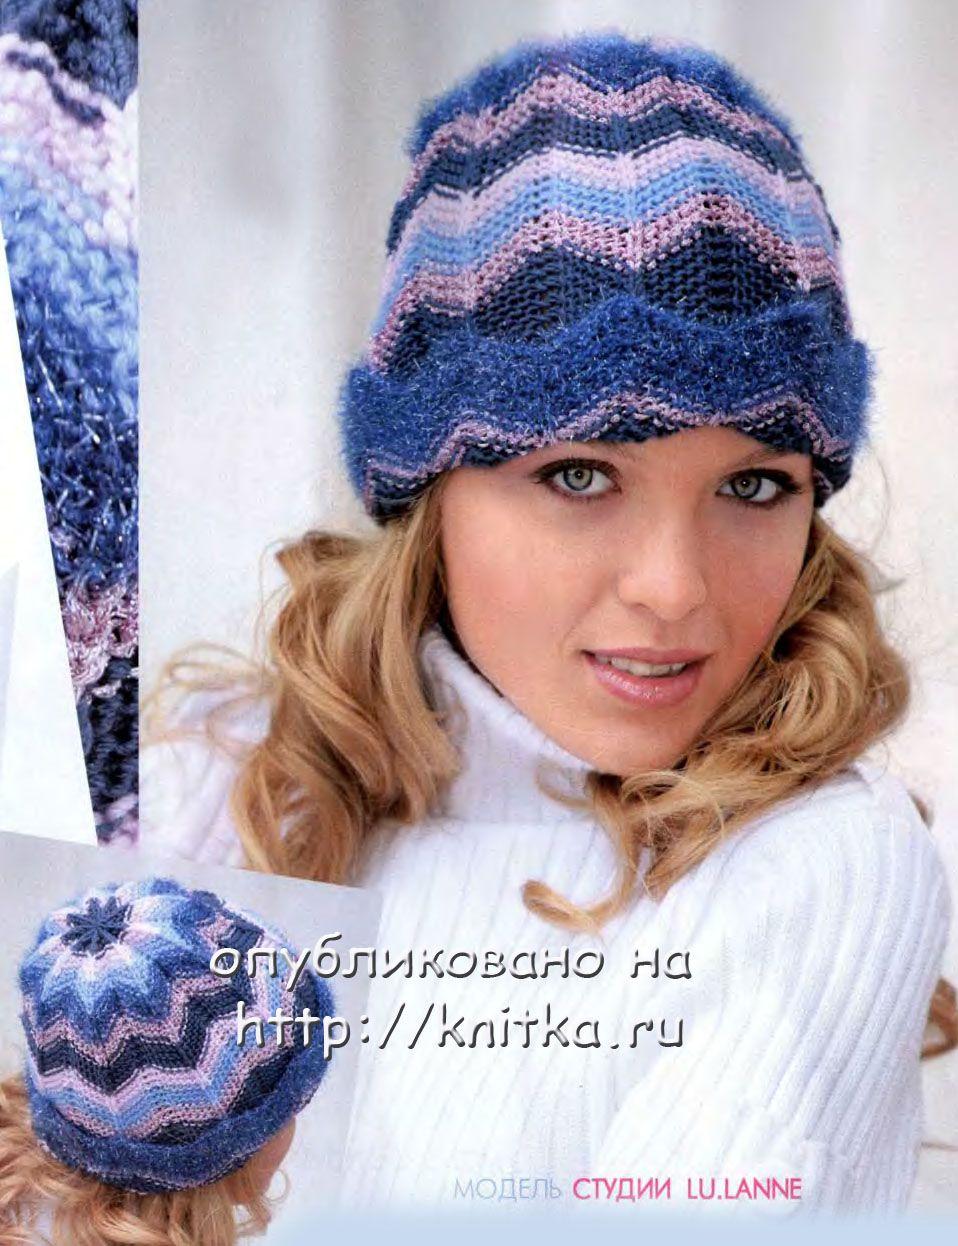 вязание спицами шапки женские схемы.